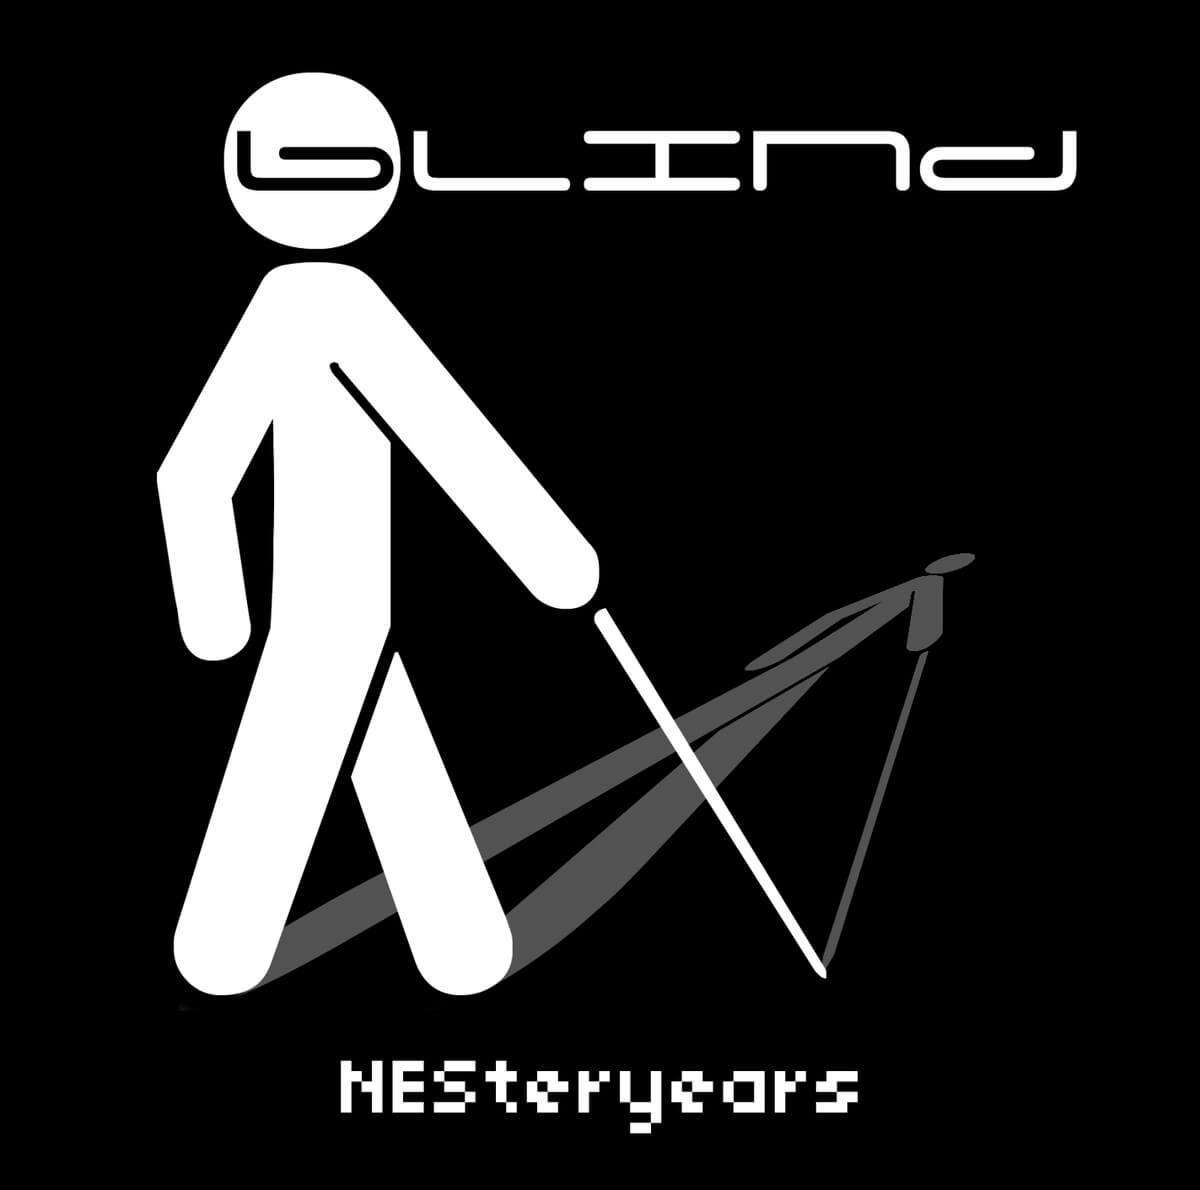 blind-nesteryears